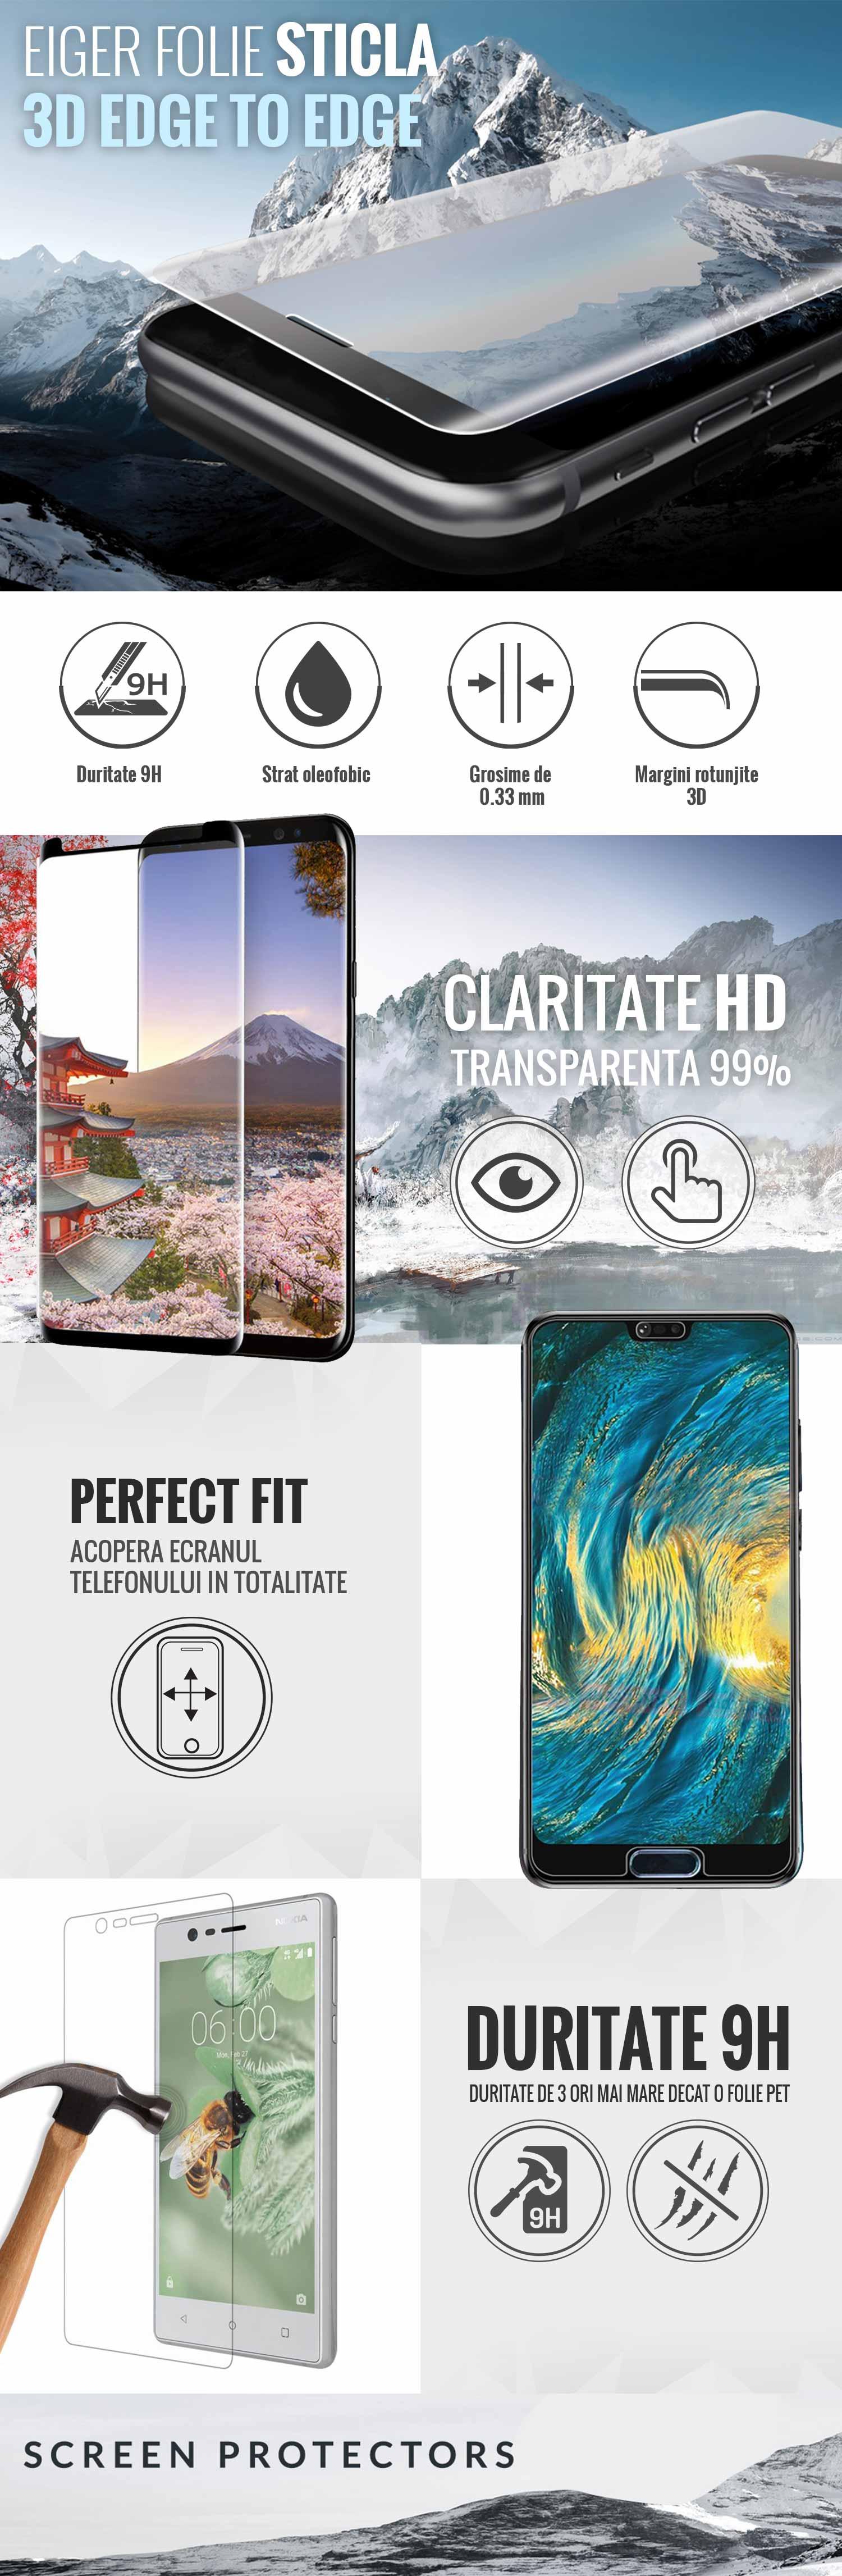 Folie Huawei Mate 20 Lite